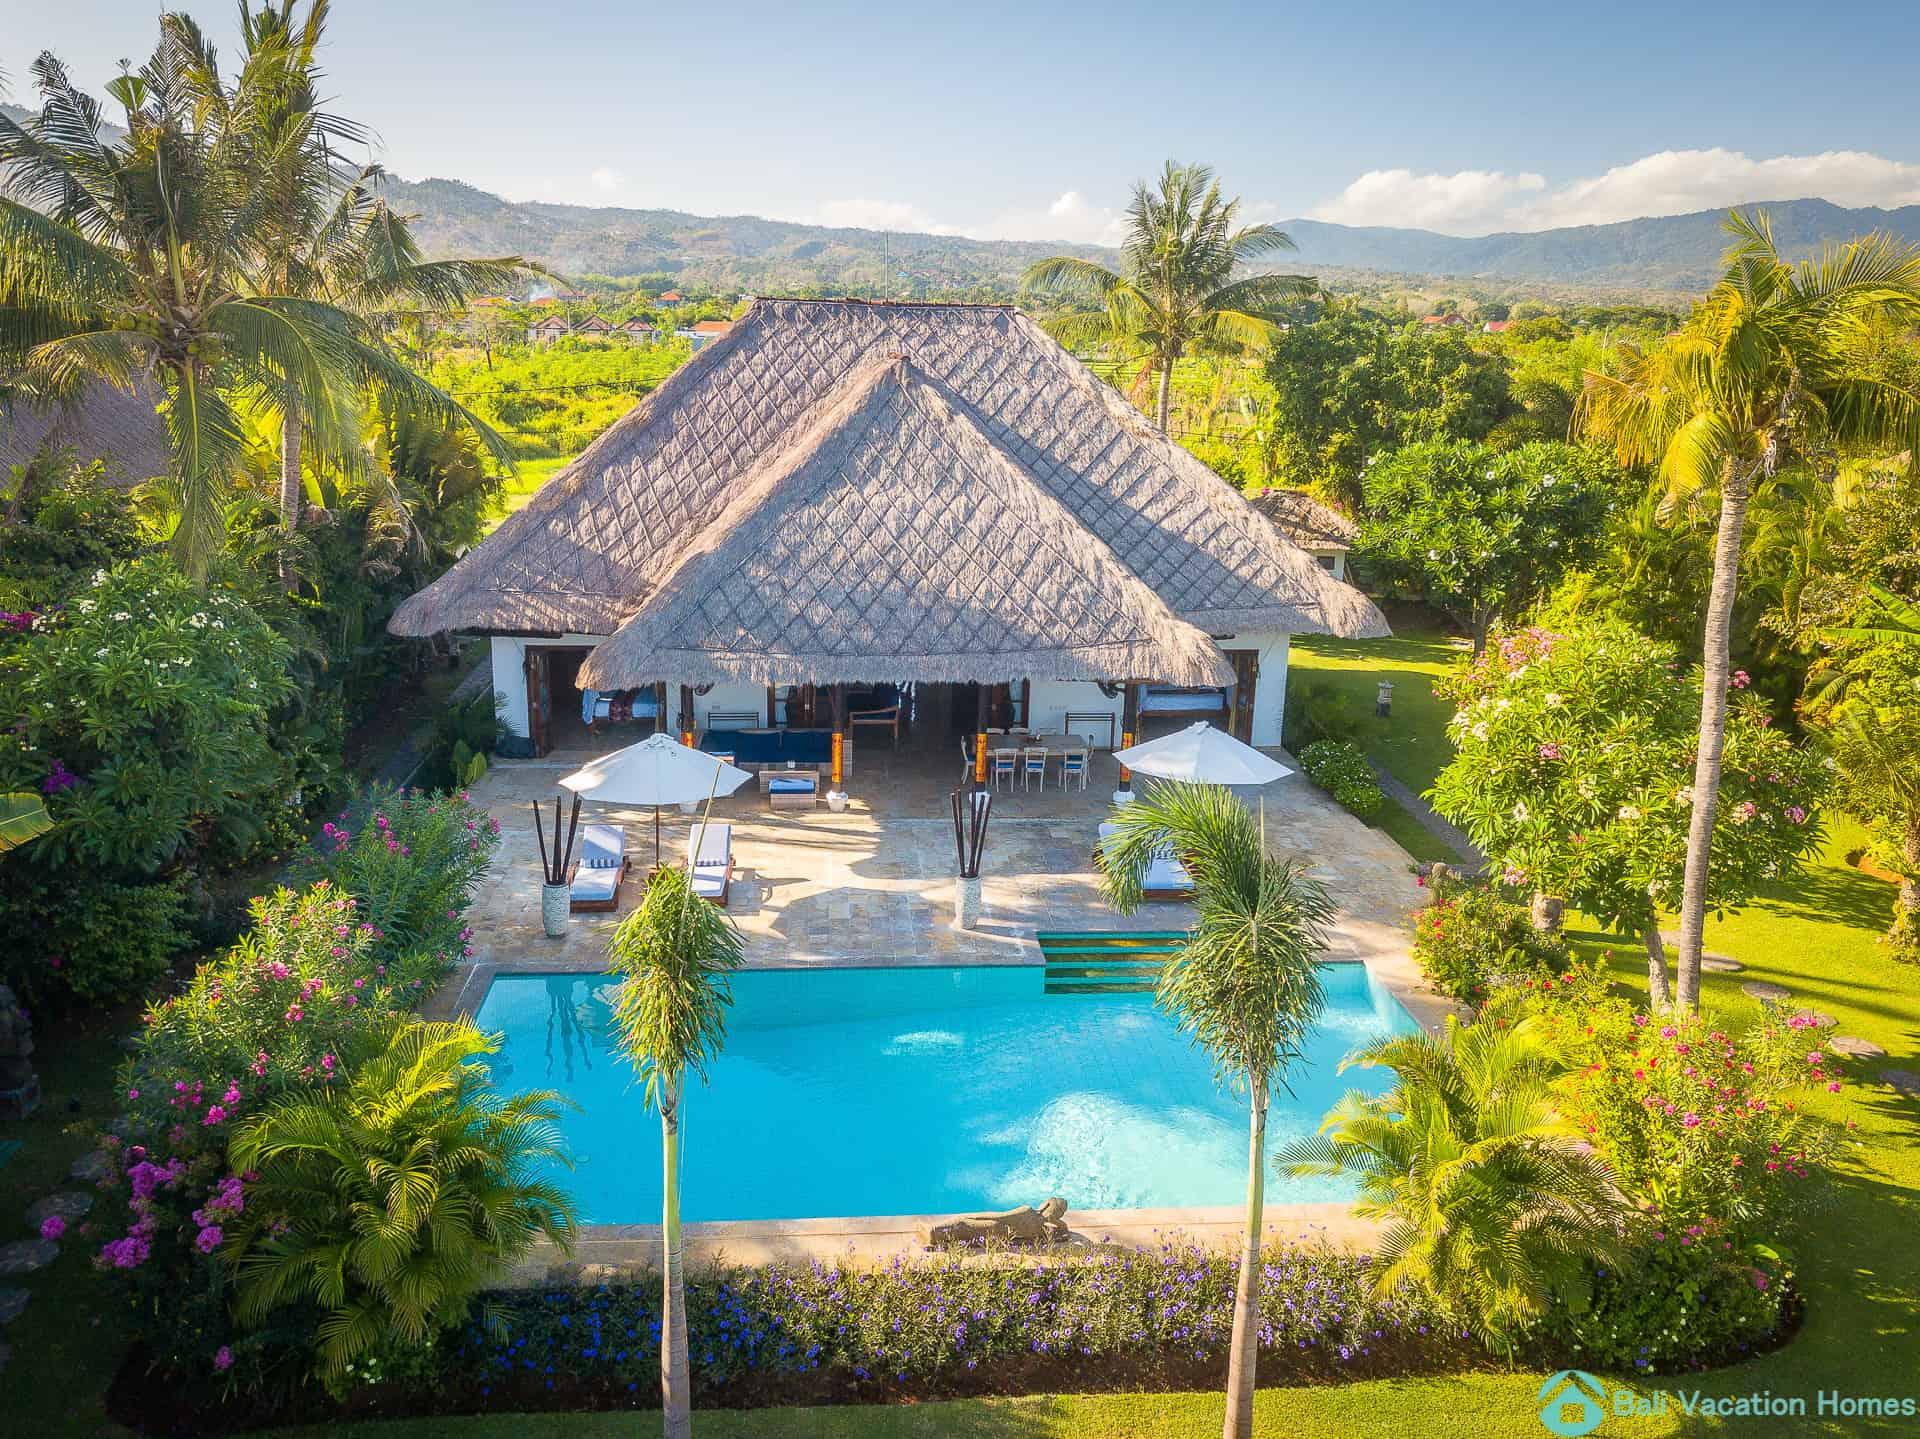 Villa Agus Mas Aerial view- Bali Vacation Homes